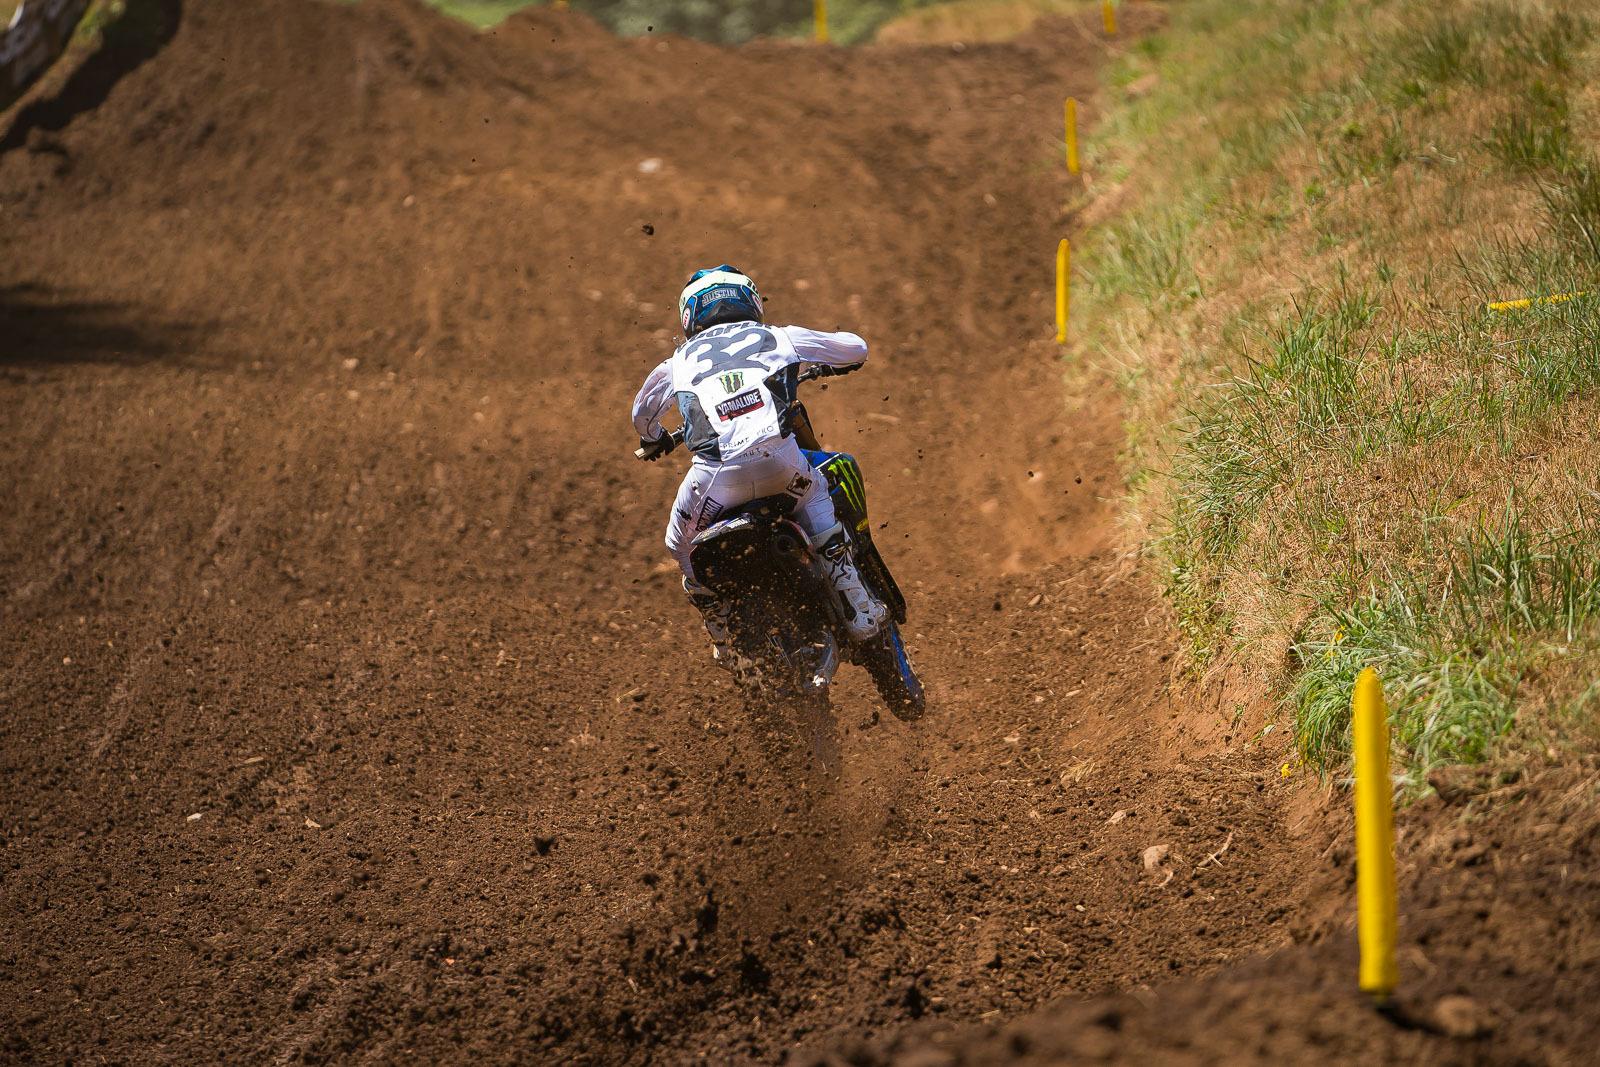 2021-WASHOUGAL-MOTOCROSS_KICKSTART_1029